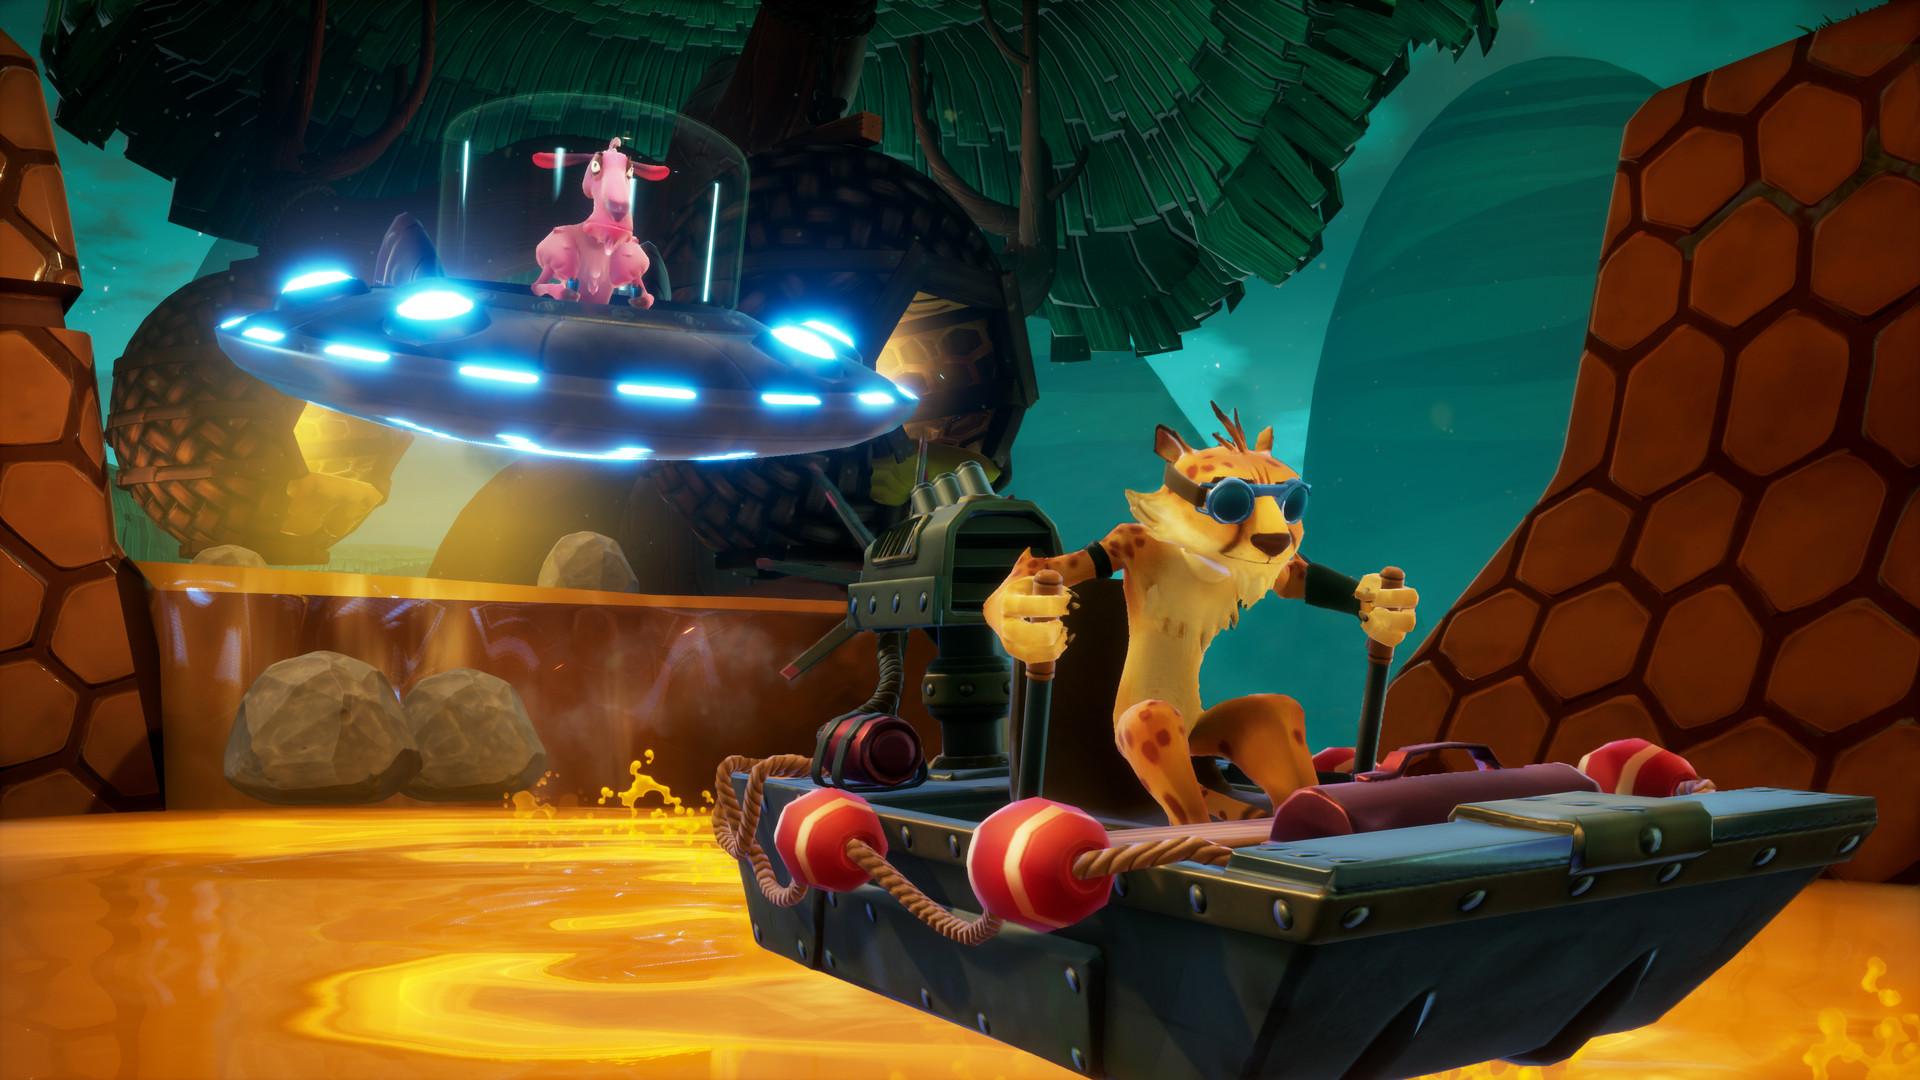 Link Tải Game Spyro Reignited Trilogy Miễn Phí Thành Công